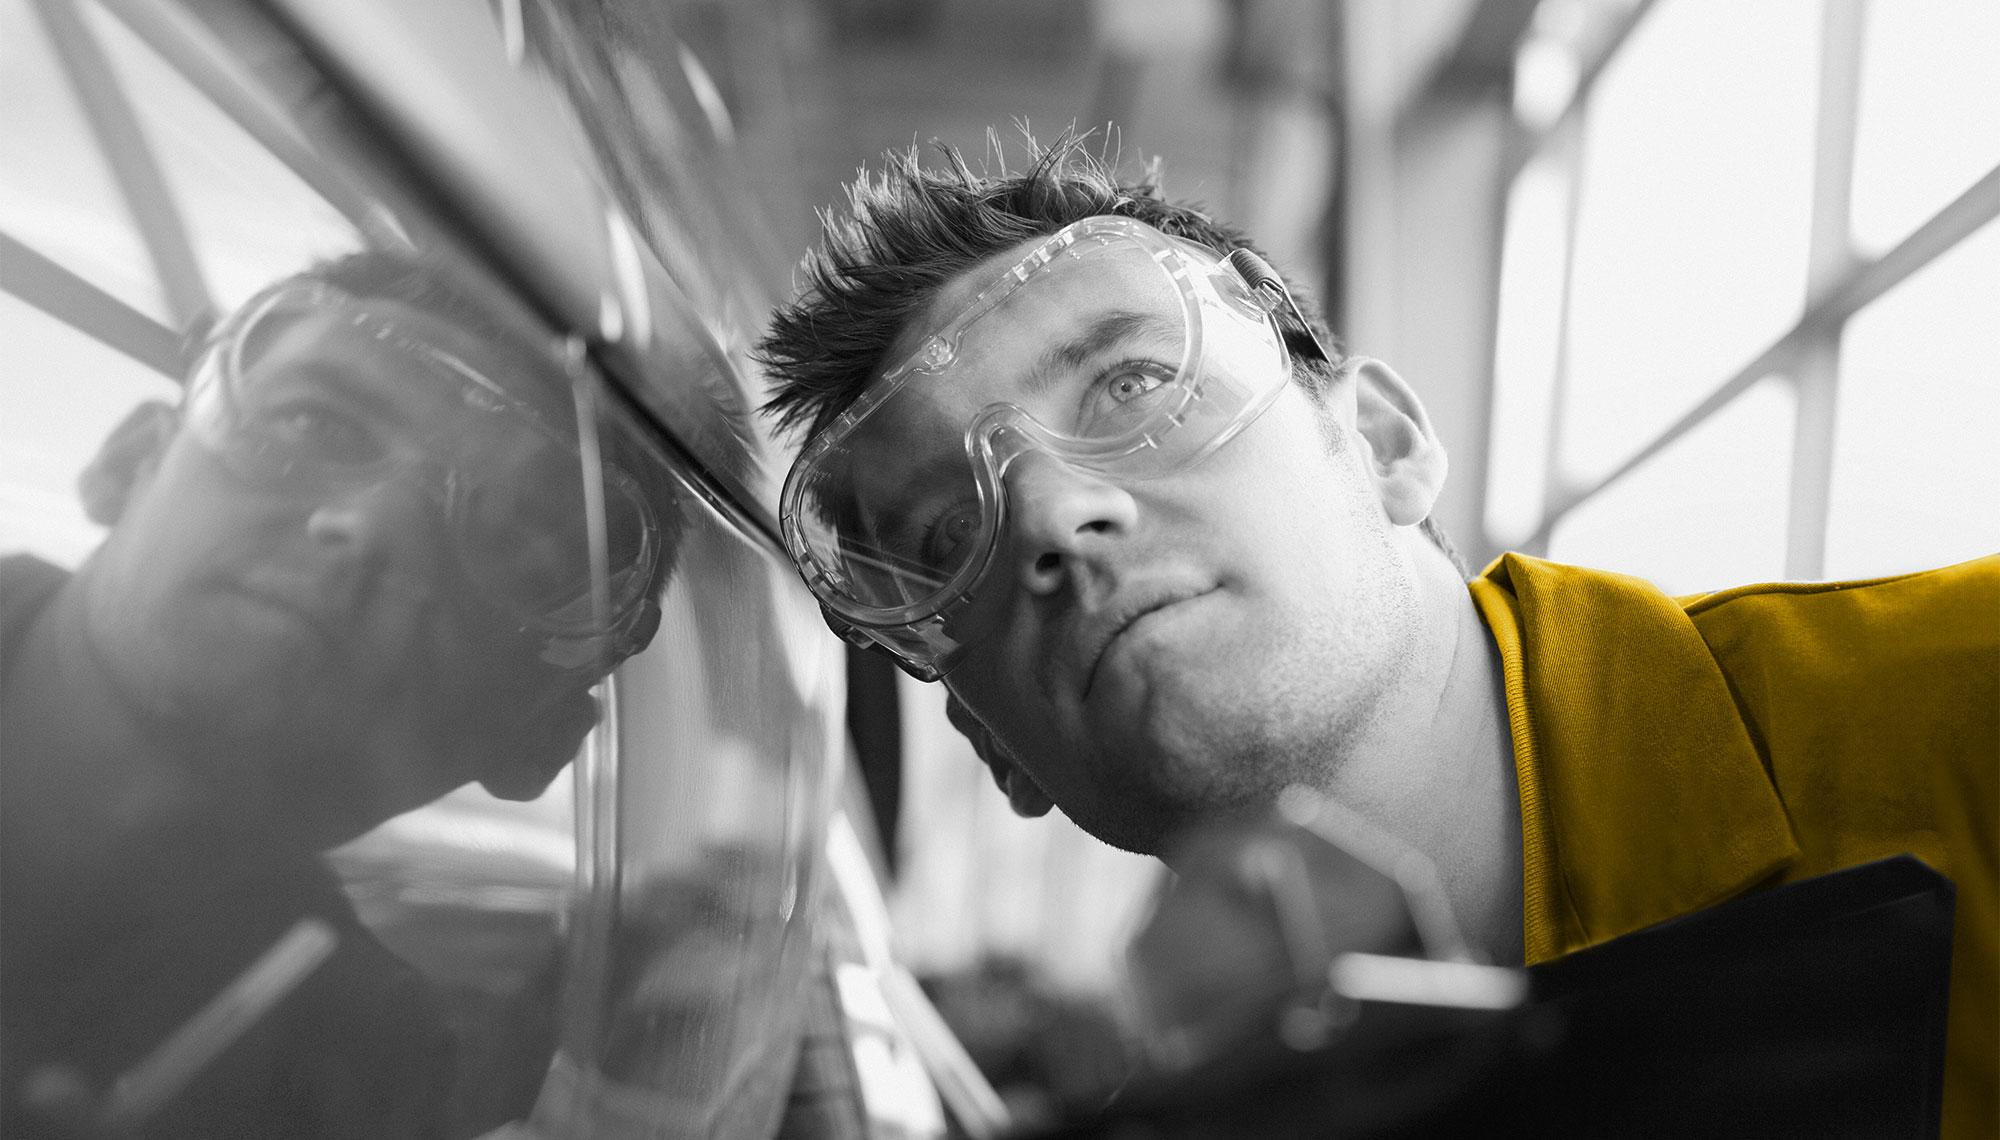 mecano_lunettes_2000x1140